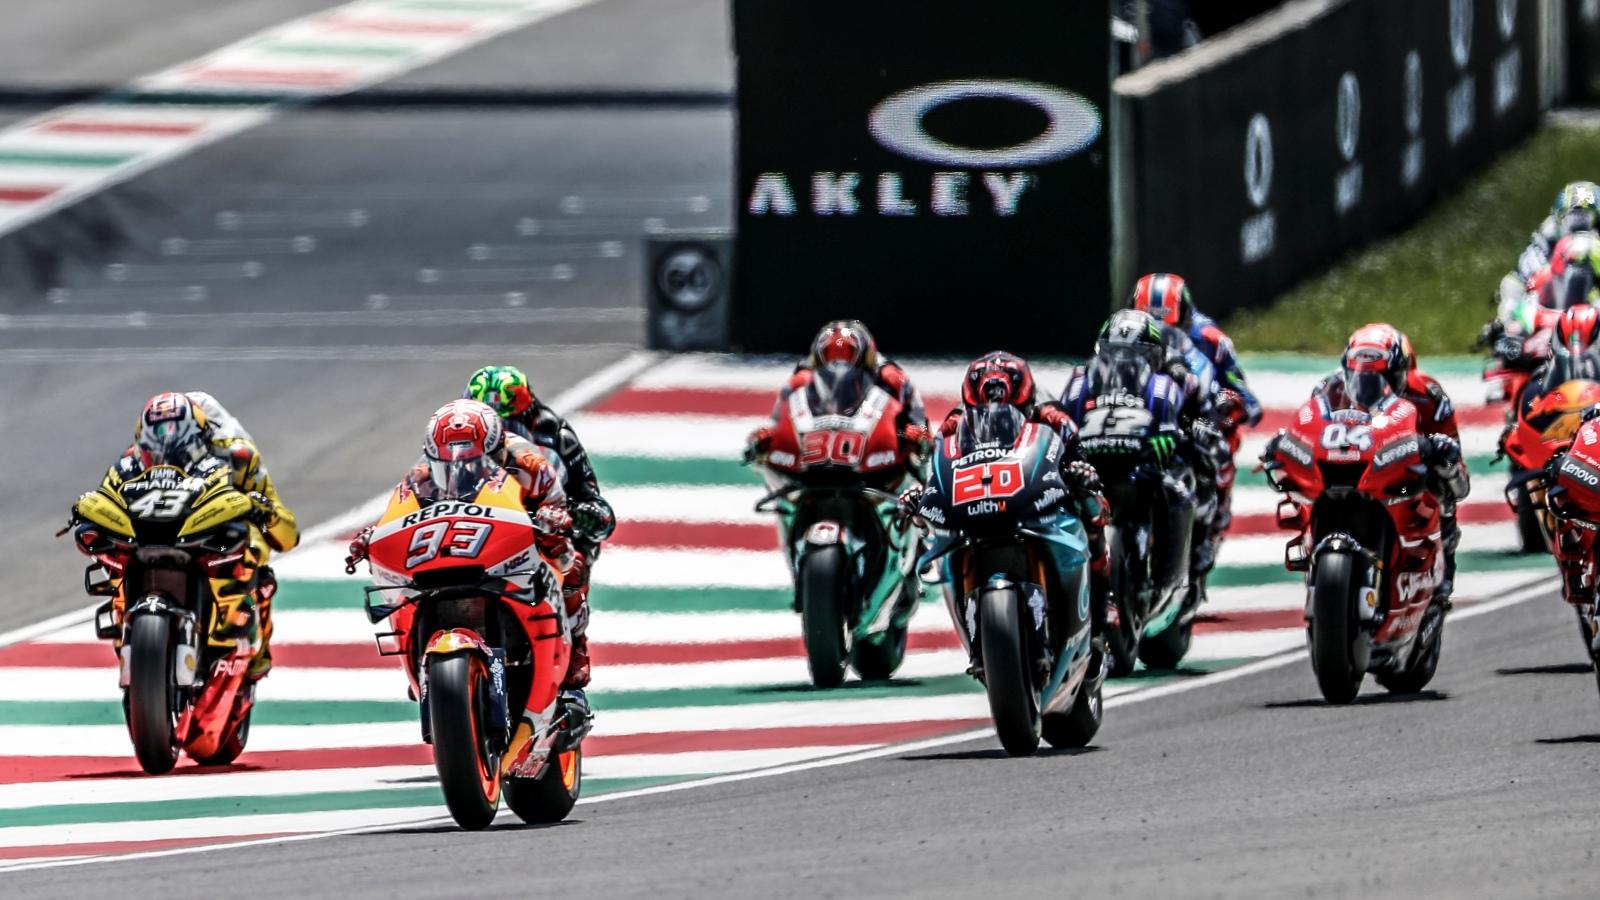 MotoGP 2020 no pasará por Mugello: cancelado el Gran Premio de Italia